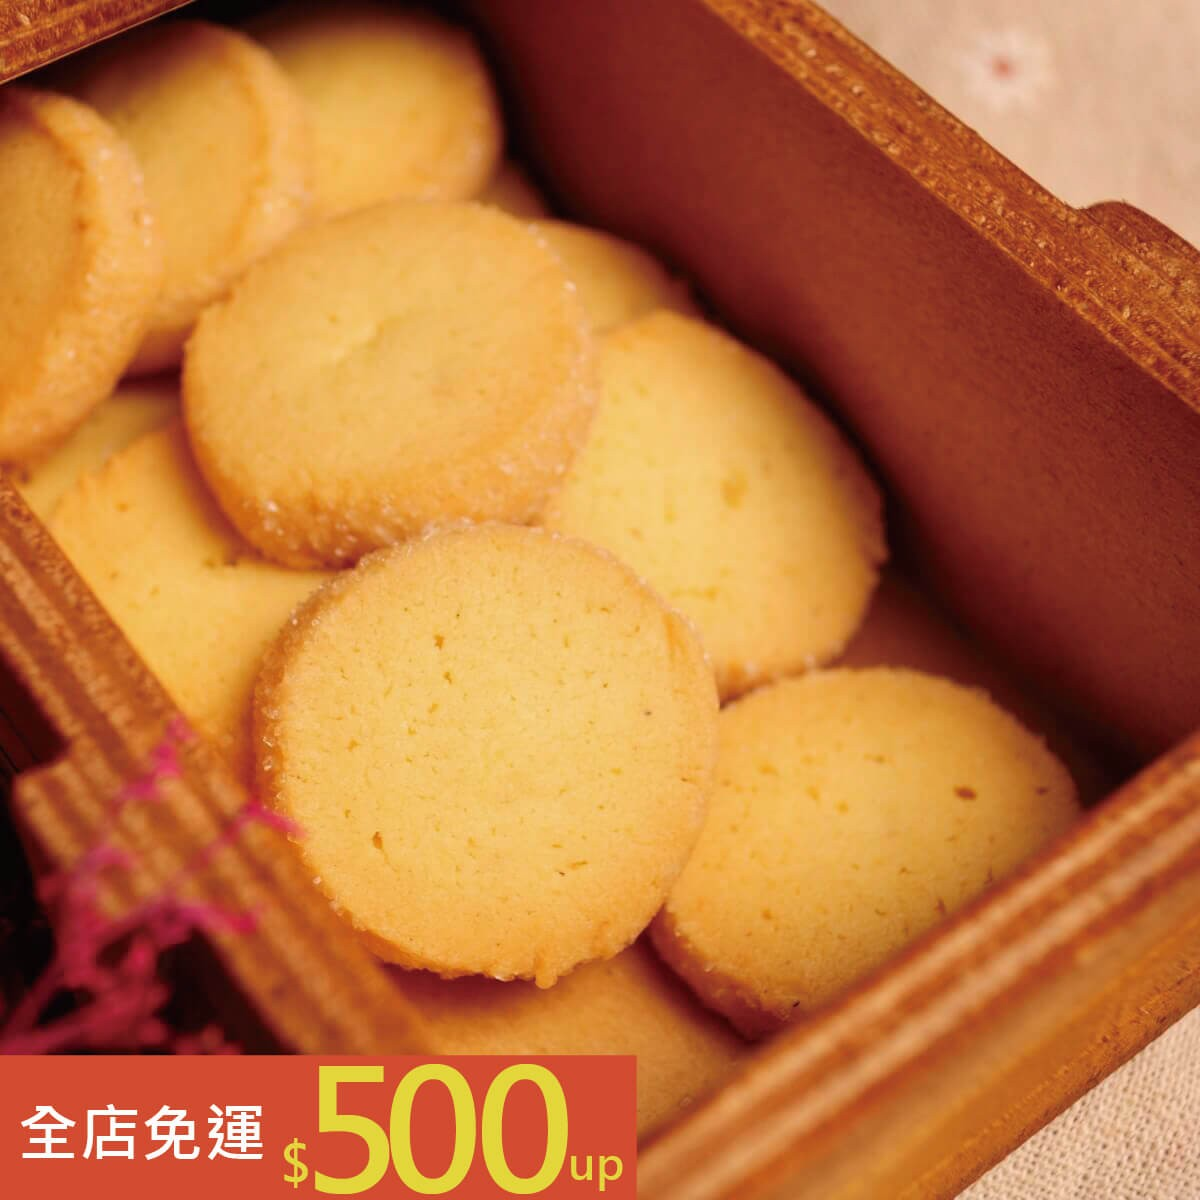 【滿500免運】鑽石香草小圓餅